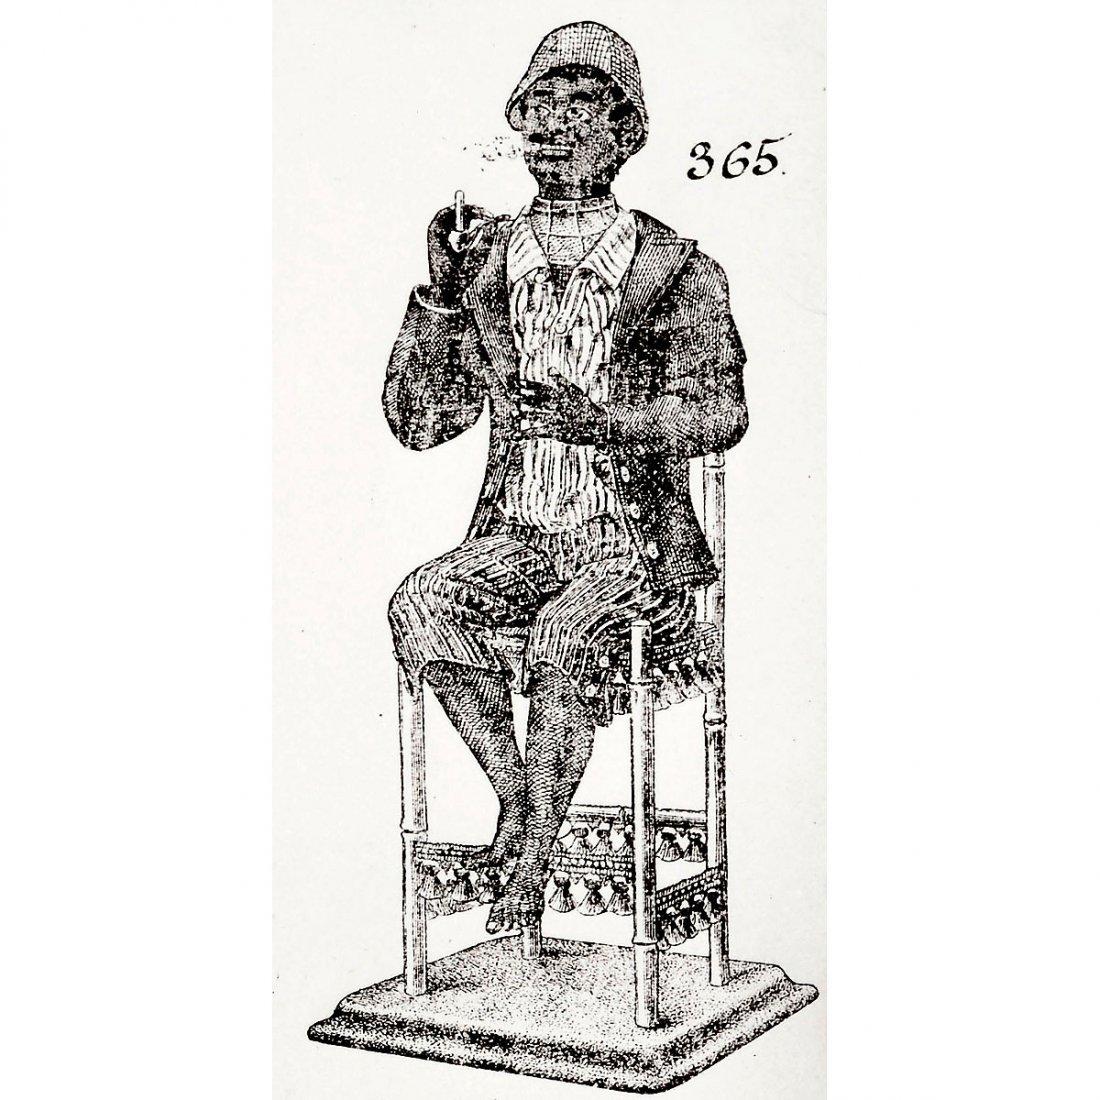 Nègre Fumeur Automaton by Roullet et Decamps, c. 1910 - 4